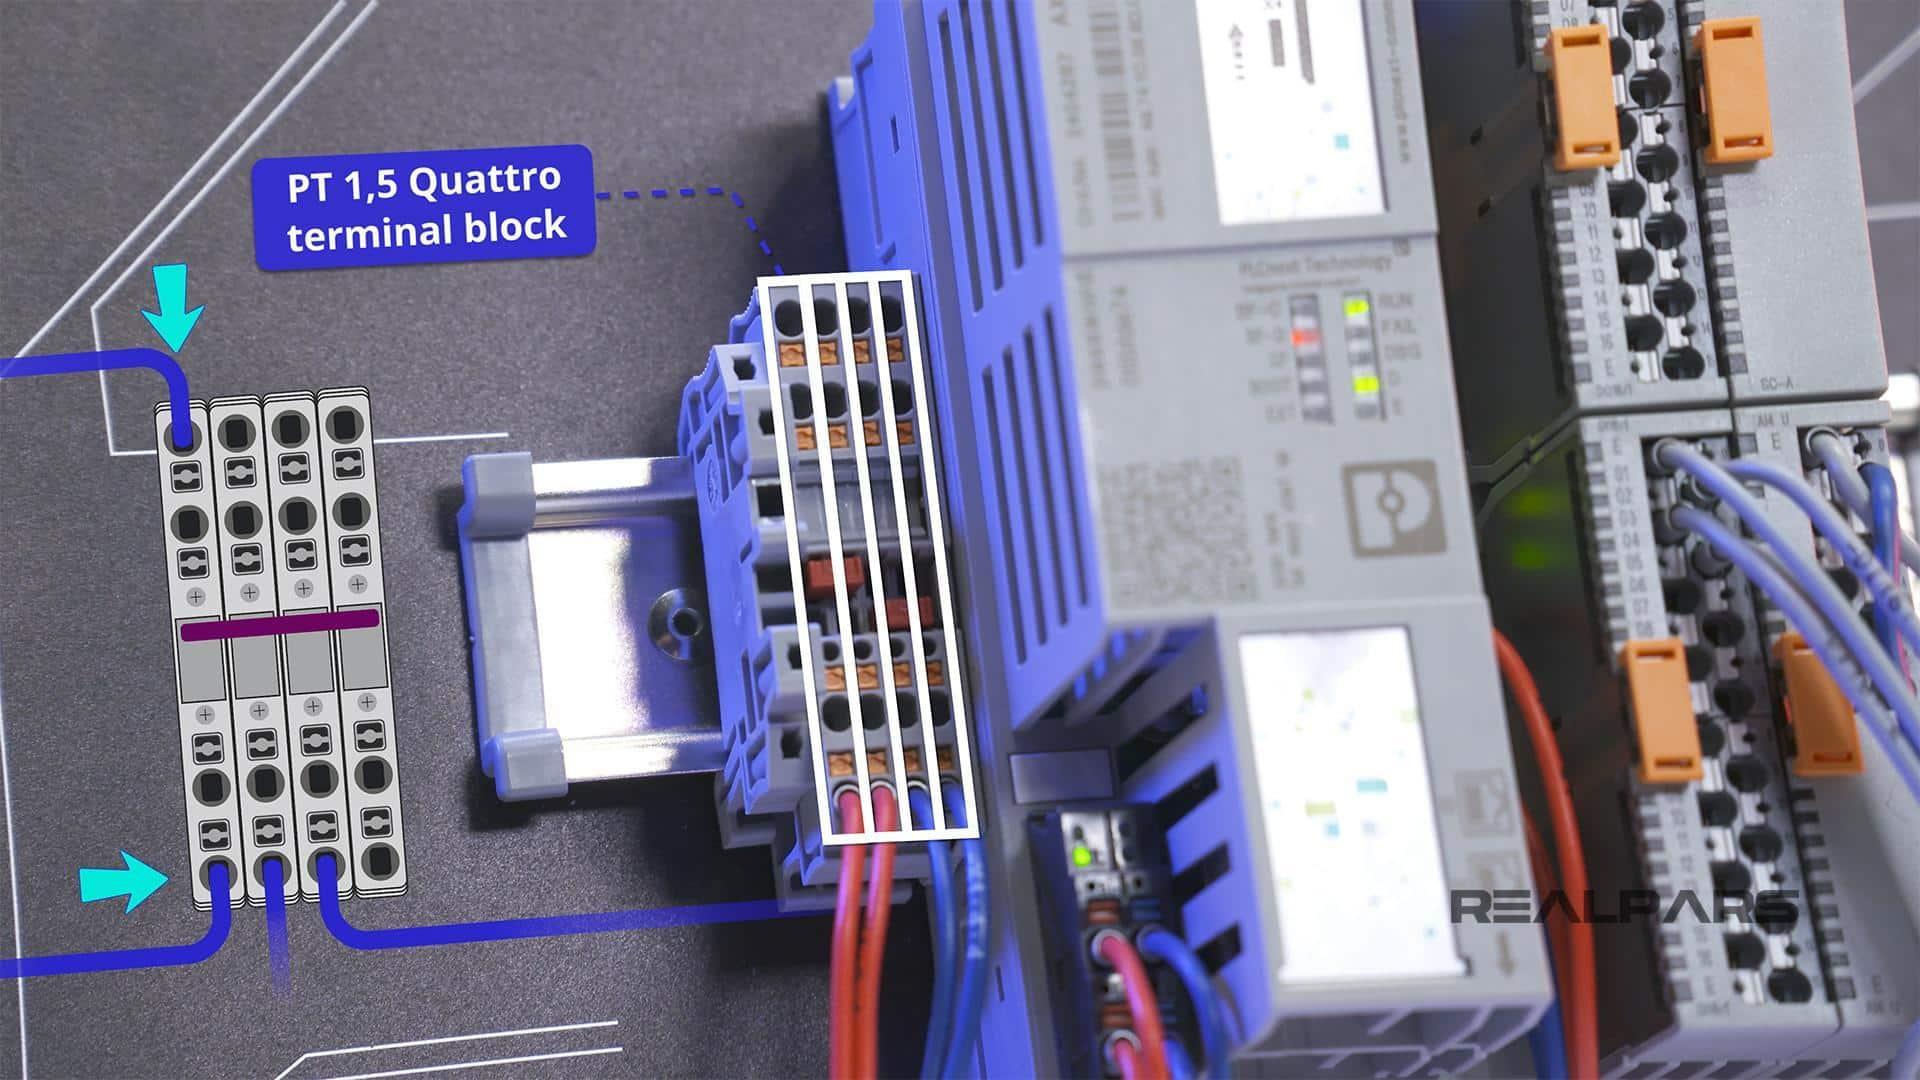 PT 1,5 Quattro terminal block